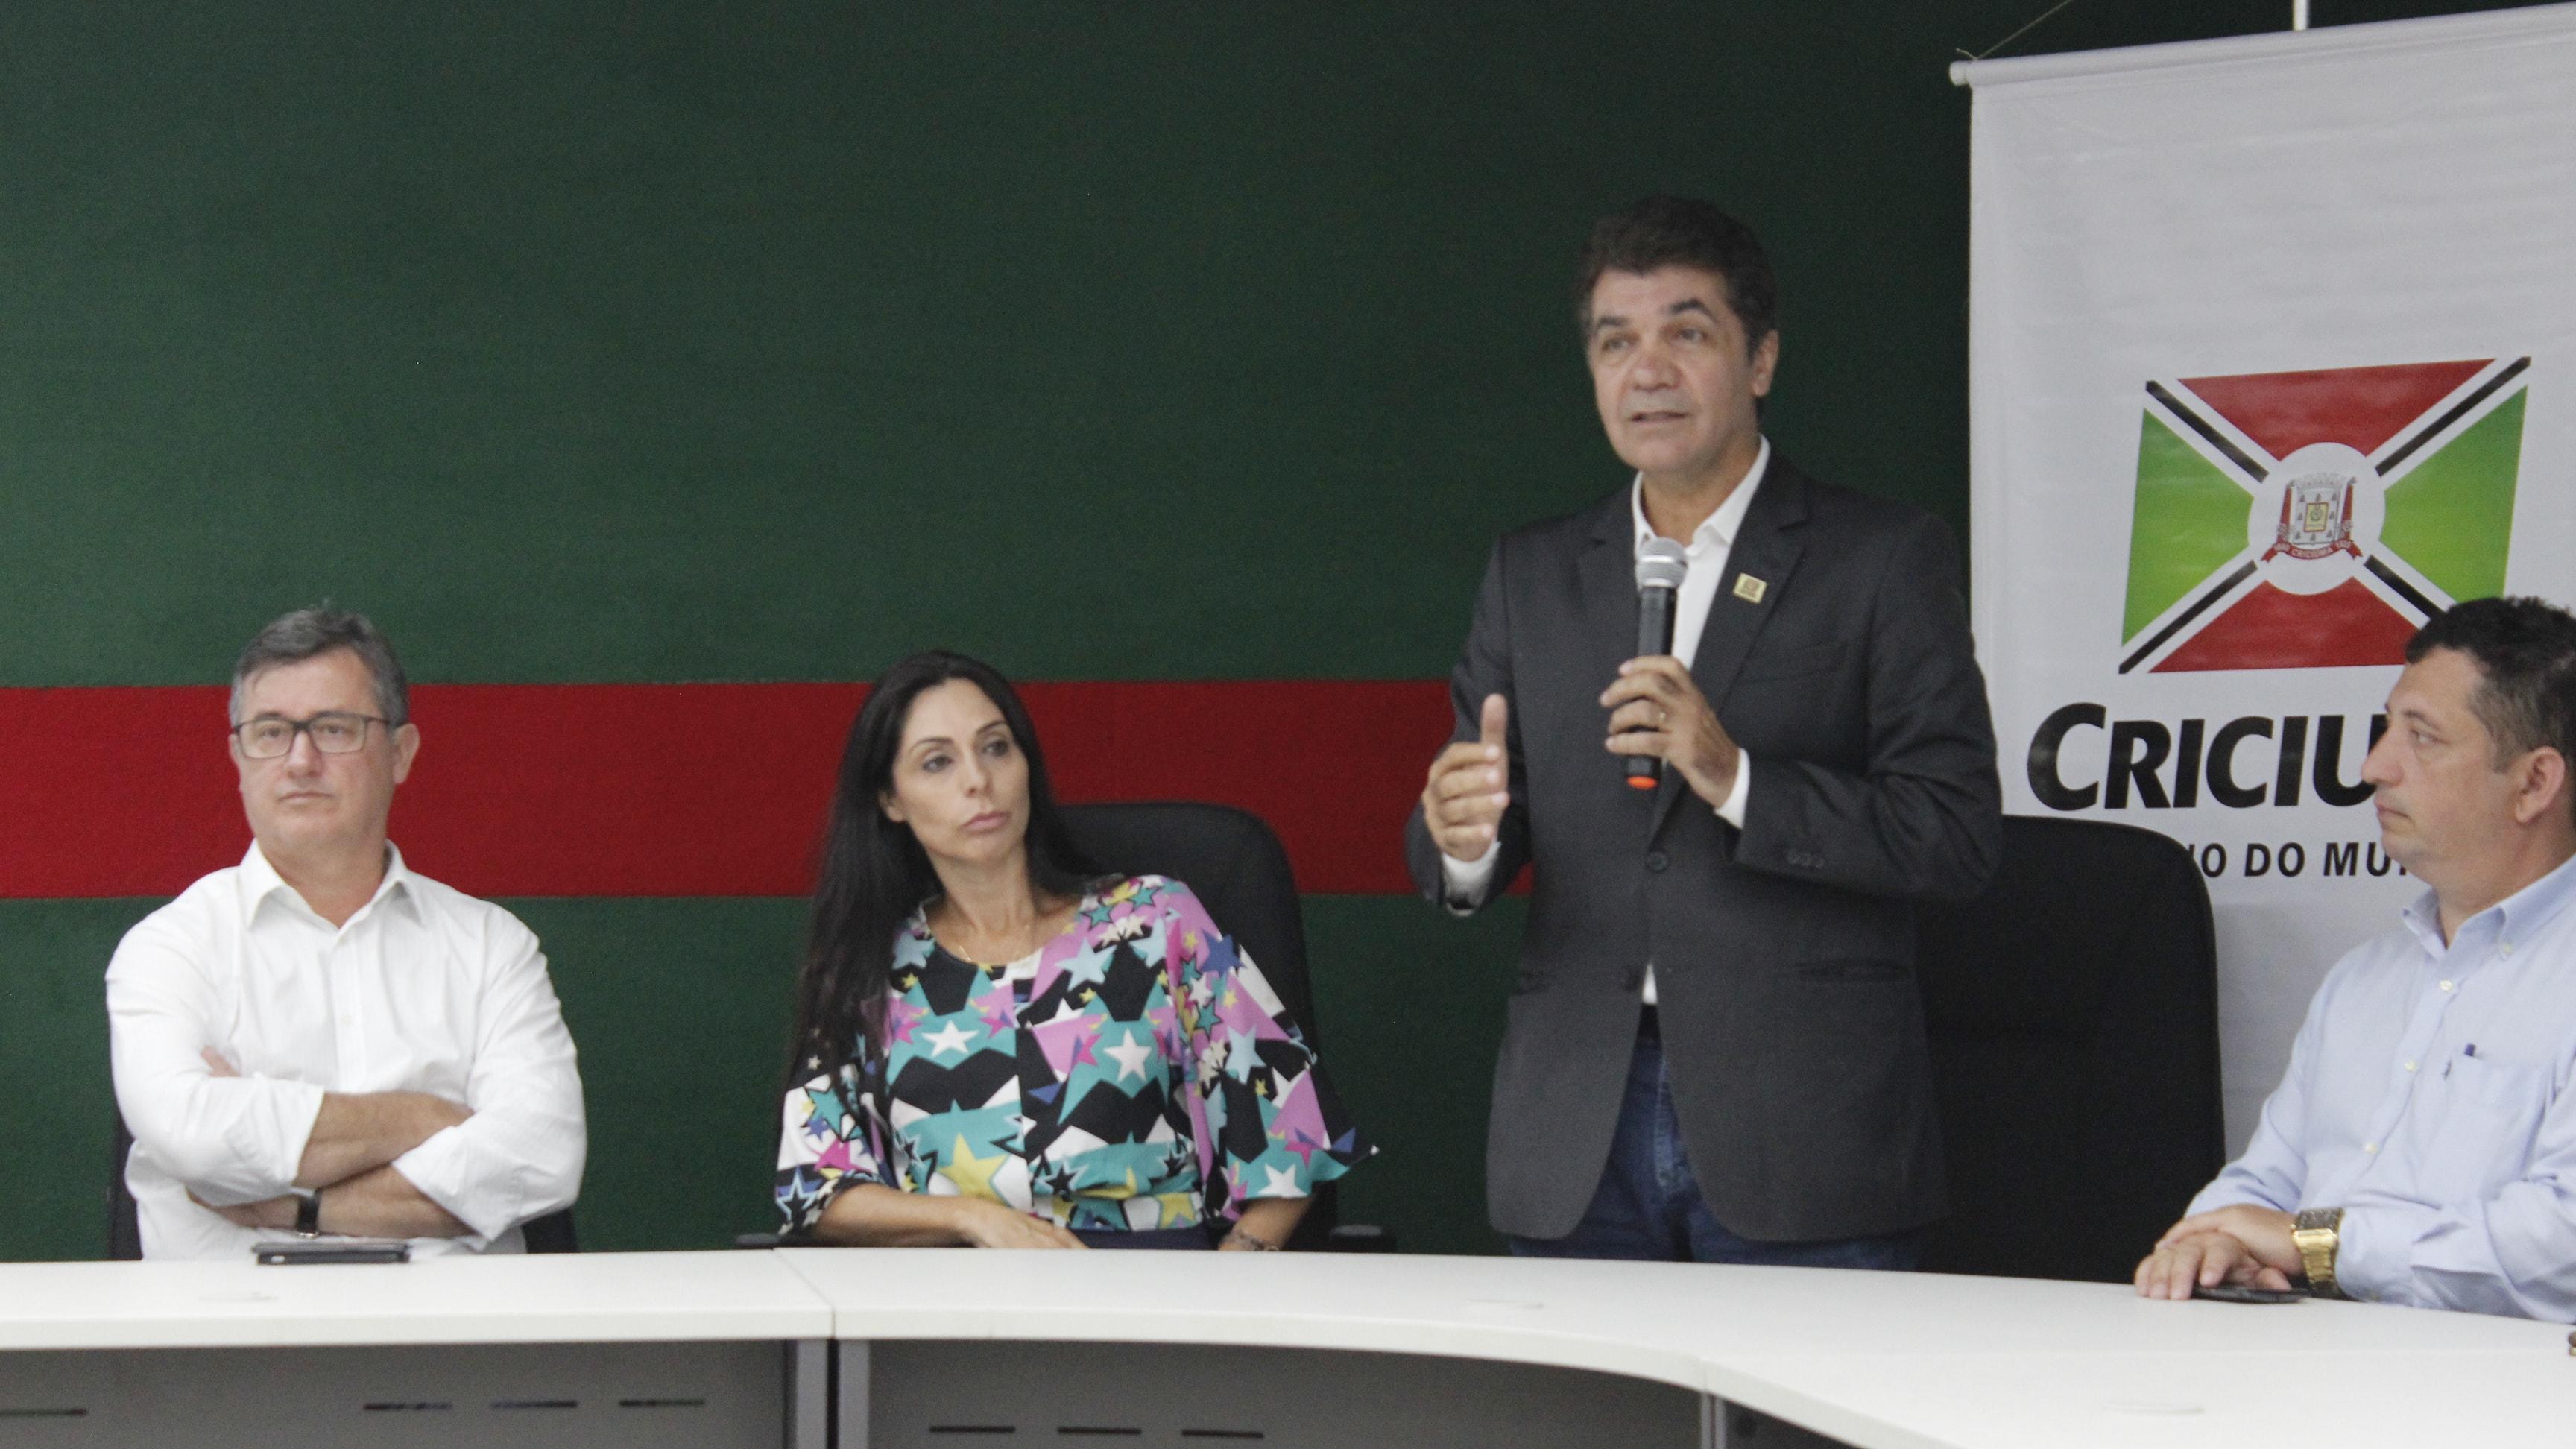 Vigilância Sanitária de Criciúma apresenta site oficial